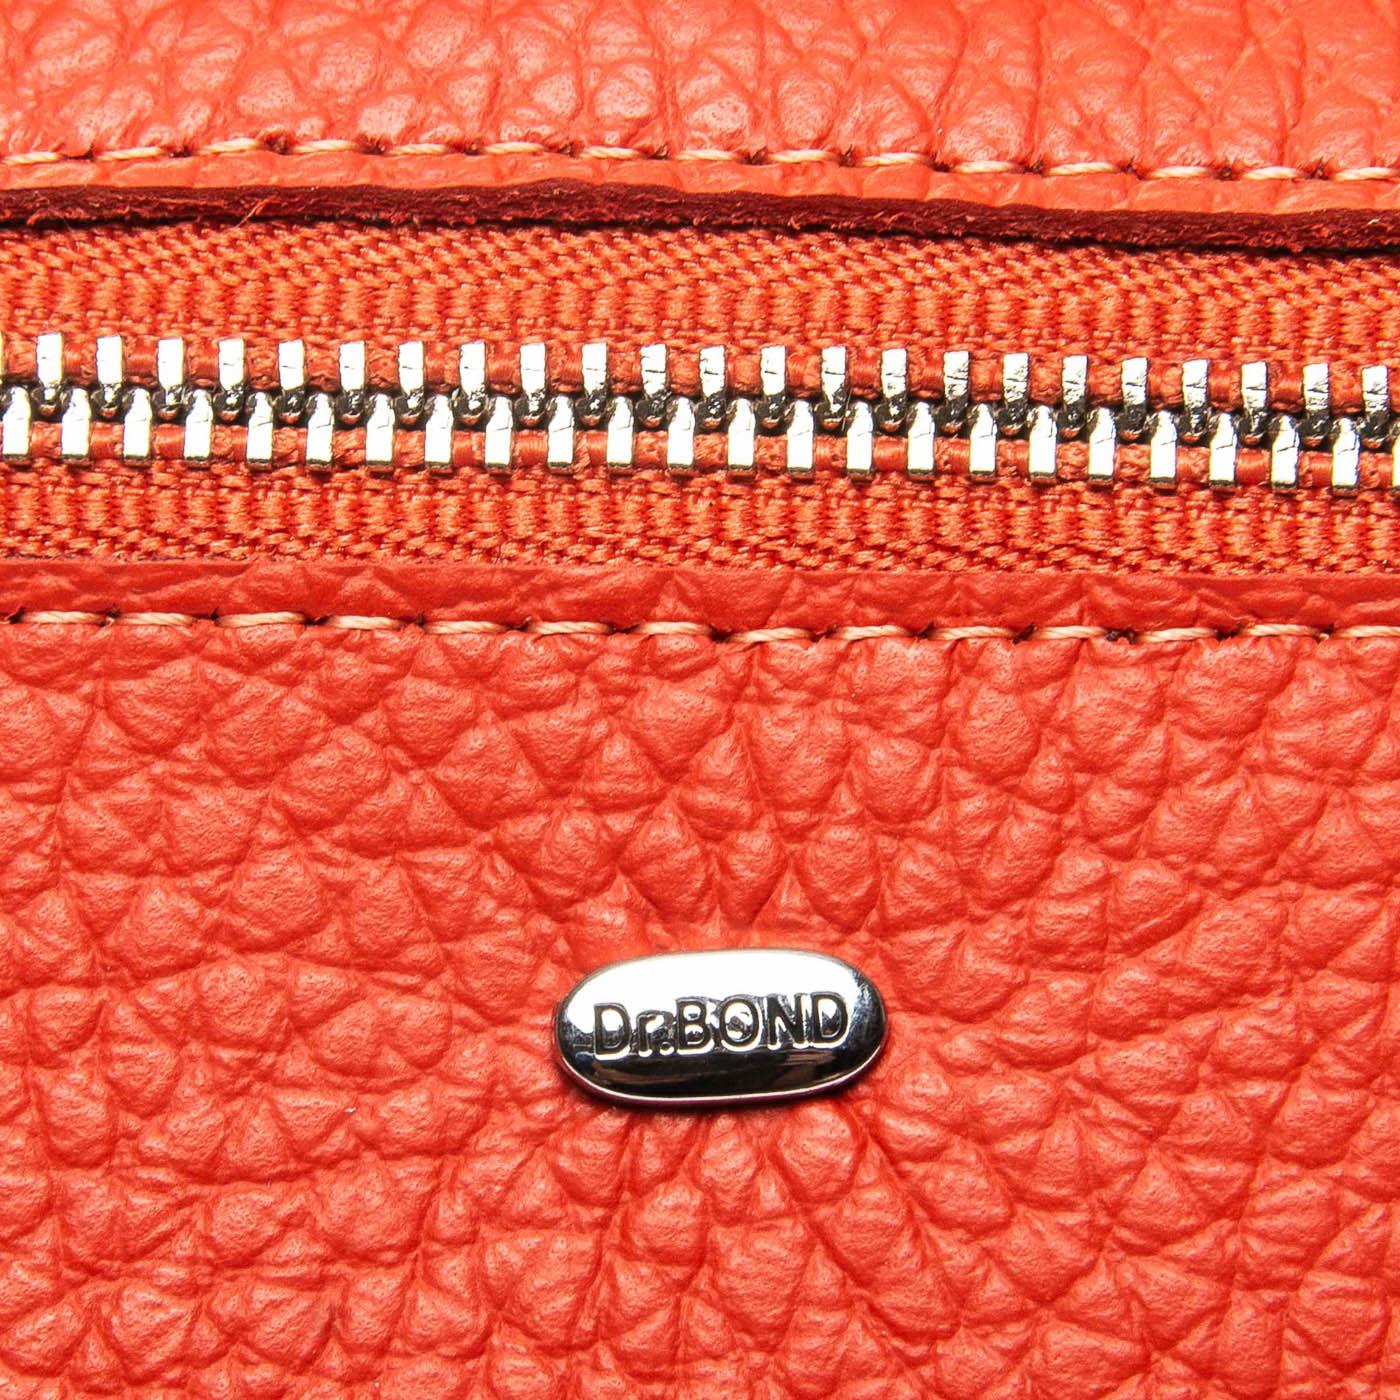 Кошелек Classic кожа DR. BOND WMB-2M orange